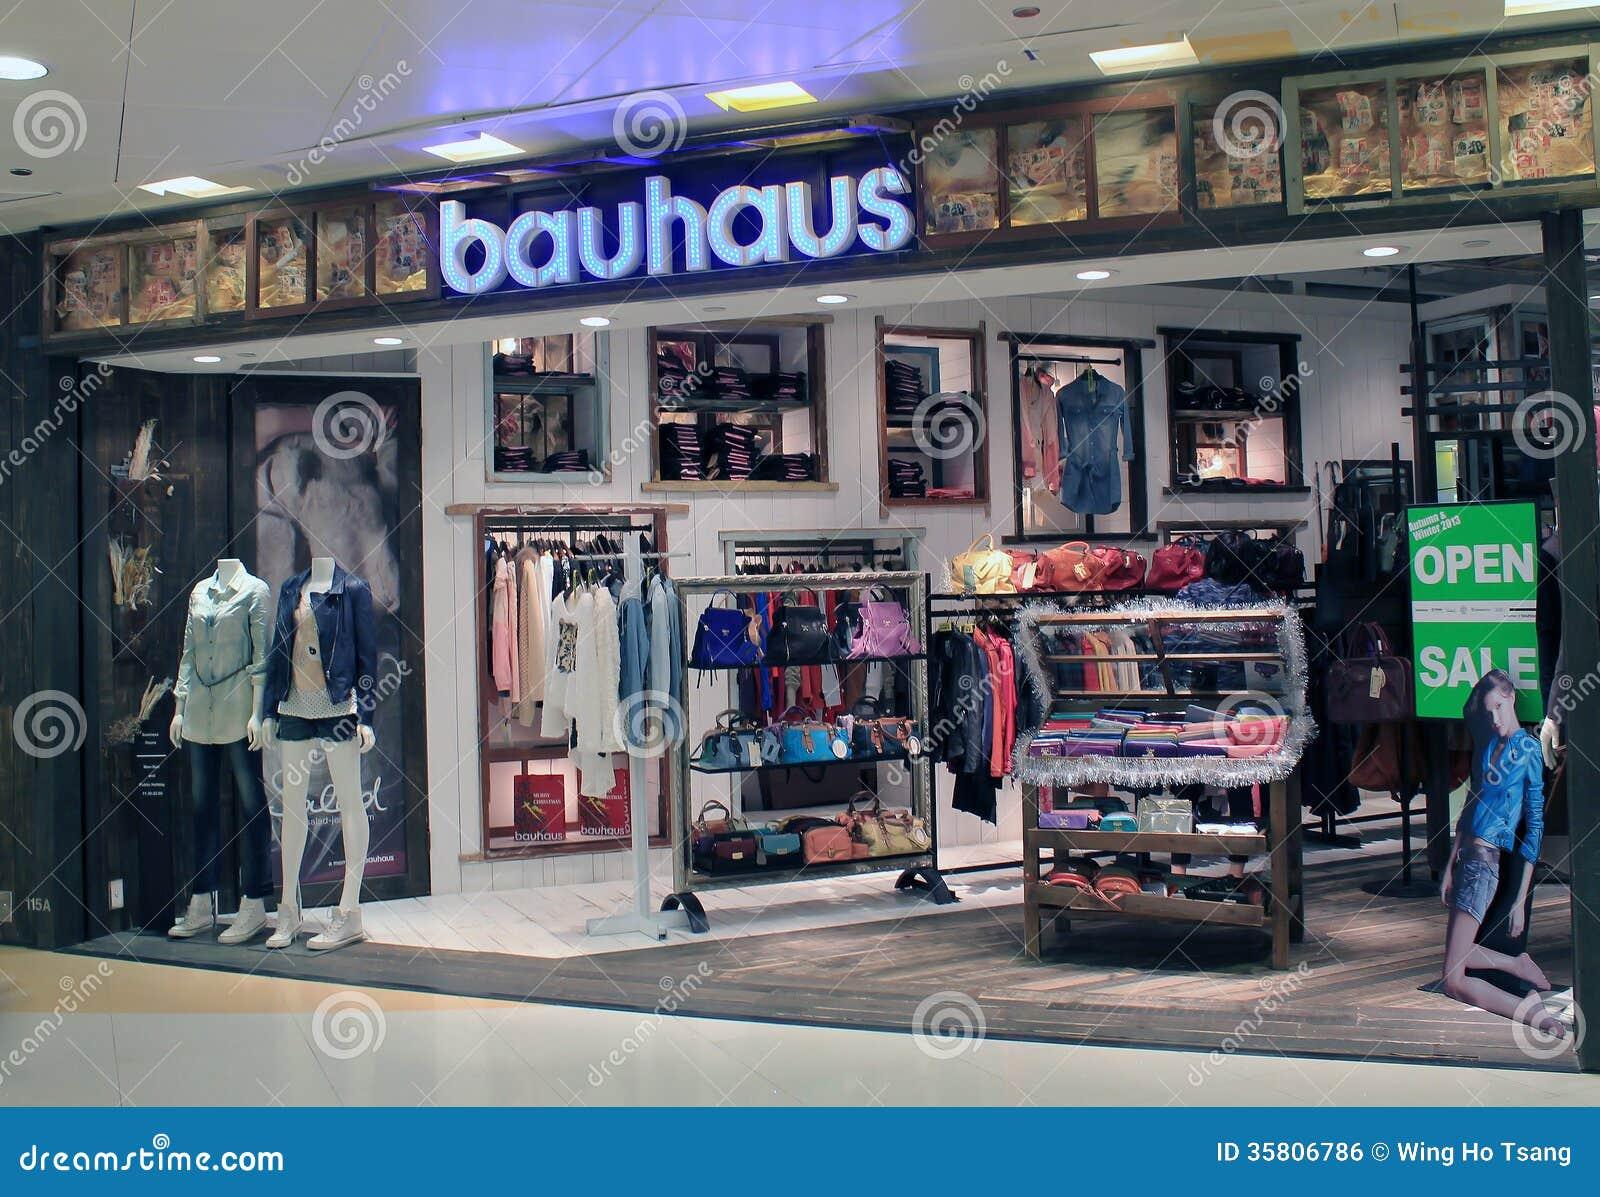 Bauhaus Shop In Hong Kong Editorial Photo Image Of Mall 35806786